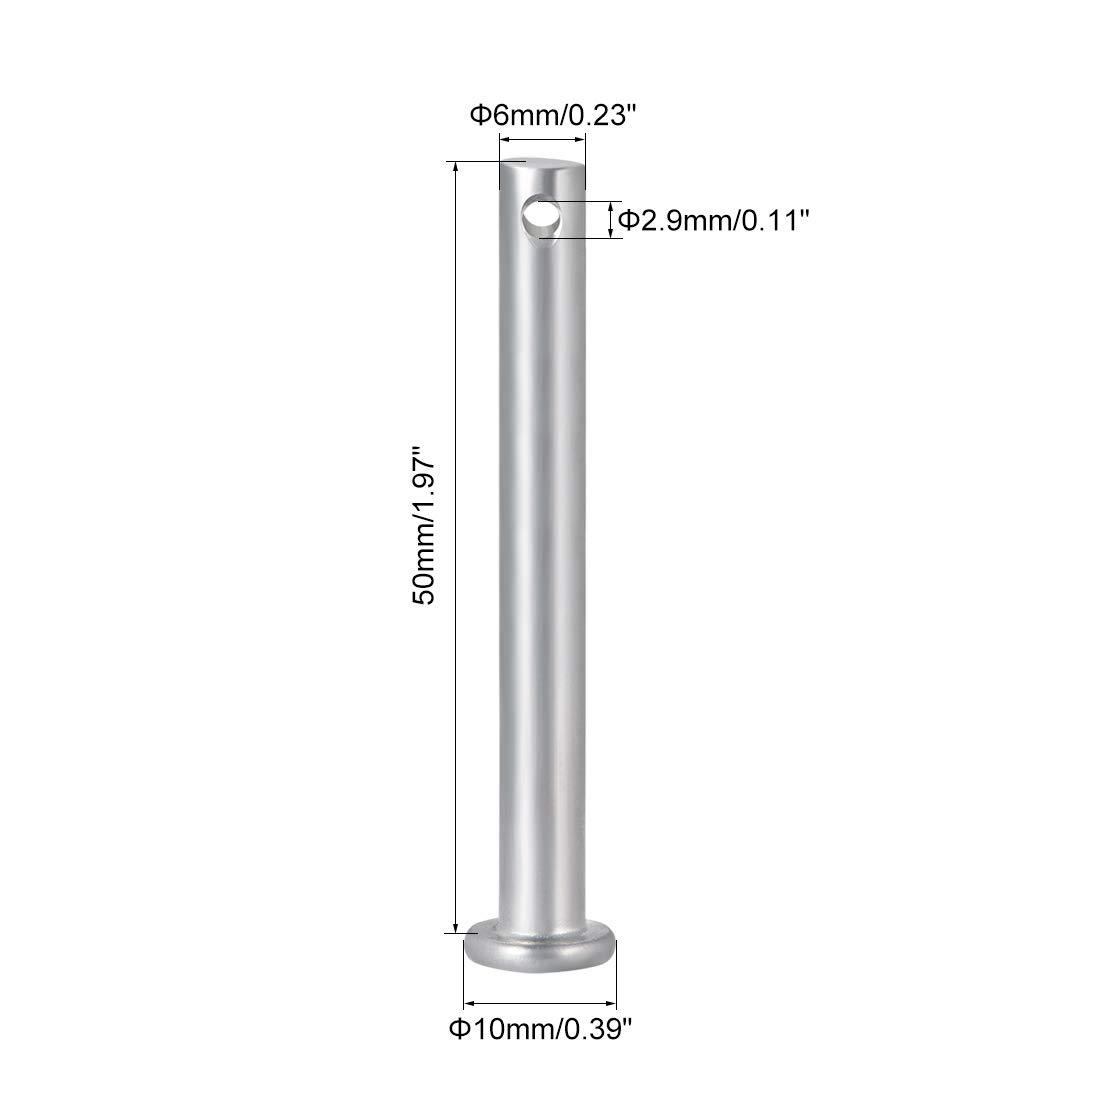 Fgyhty Derecha//Izquierda Lateral 3B0853666L 3B0853665L Coche pl/ástico foglight Rejilla de luz de Niebla de la Parrilla del reemplazo para 01-05 B5.5 Passat